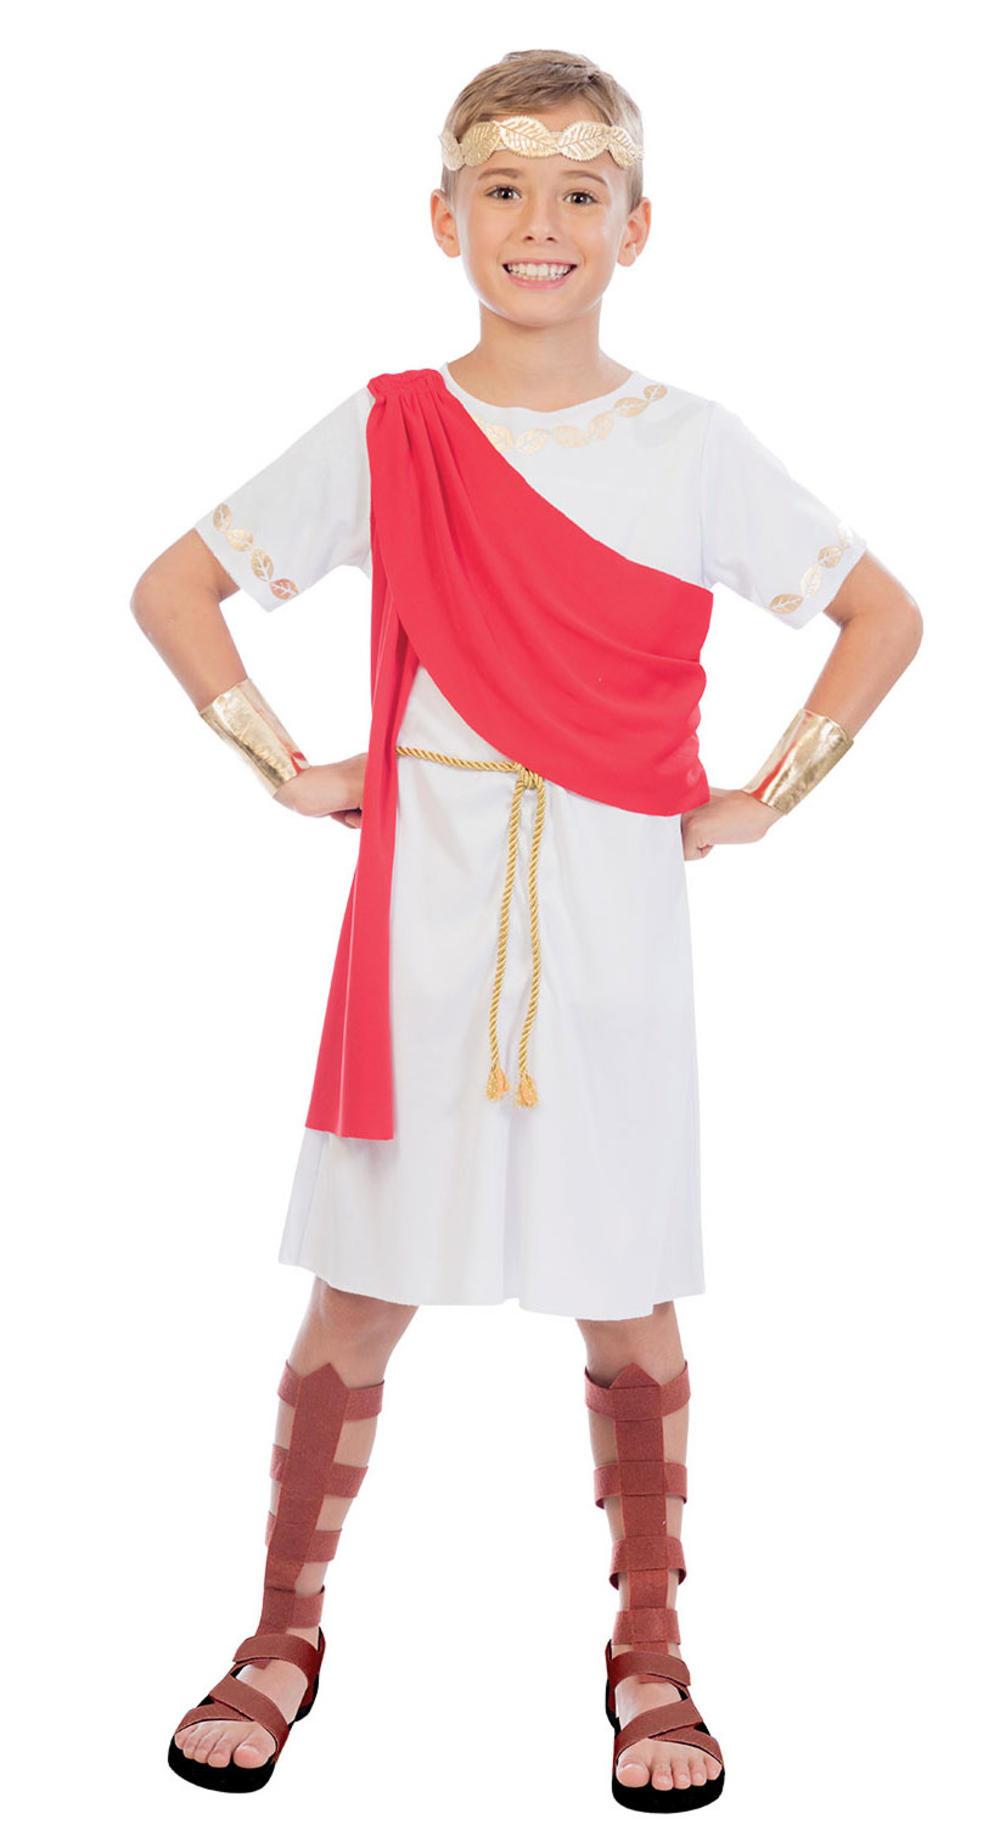 Toga Boy Costume